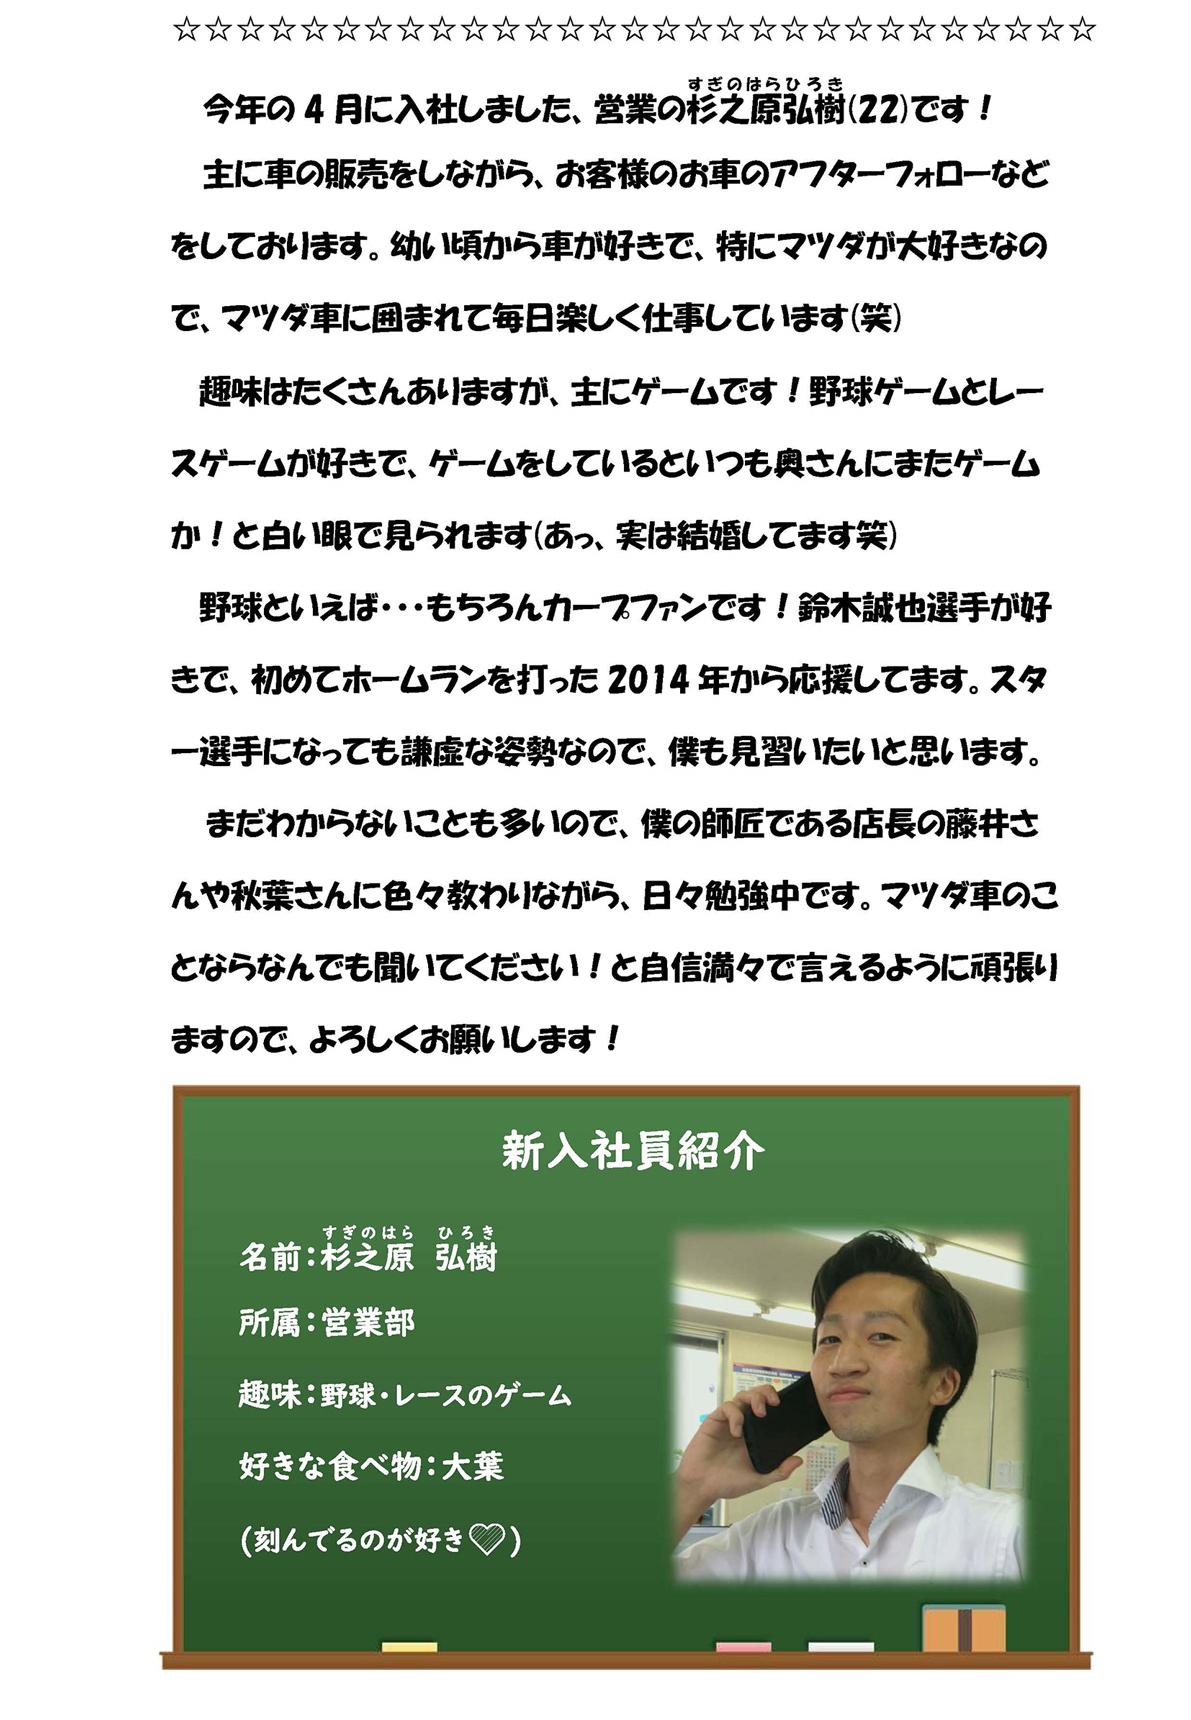 7月号_ワク楽委員会コラム03